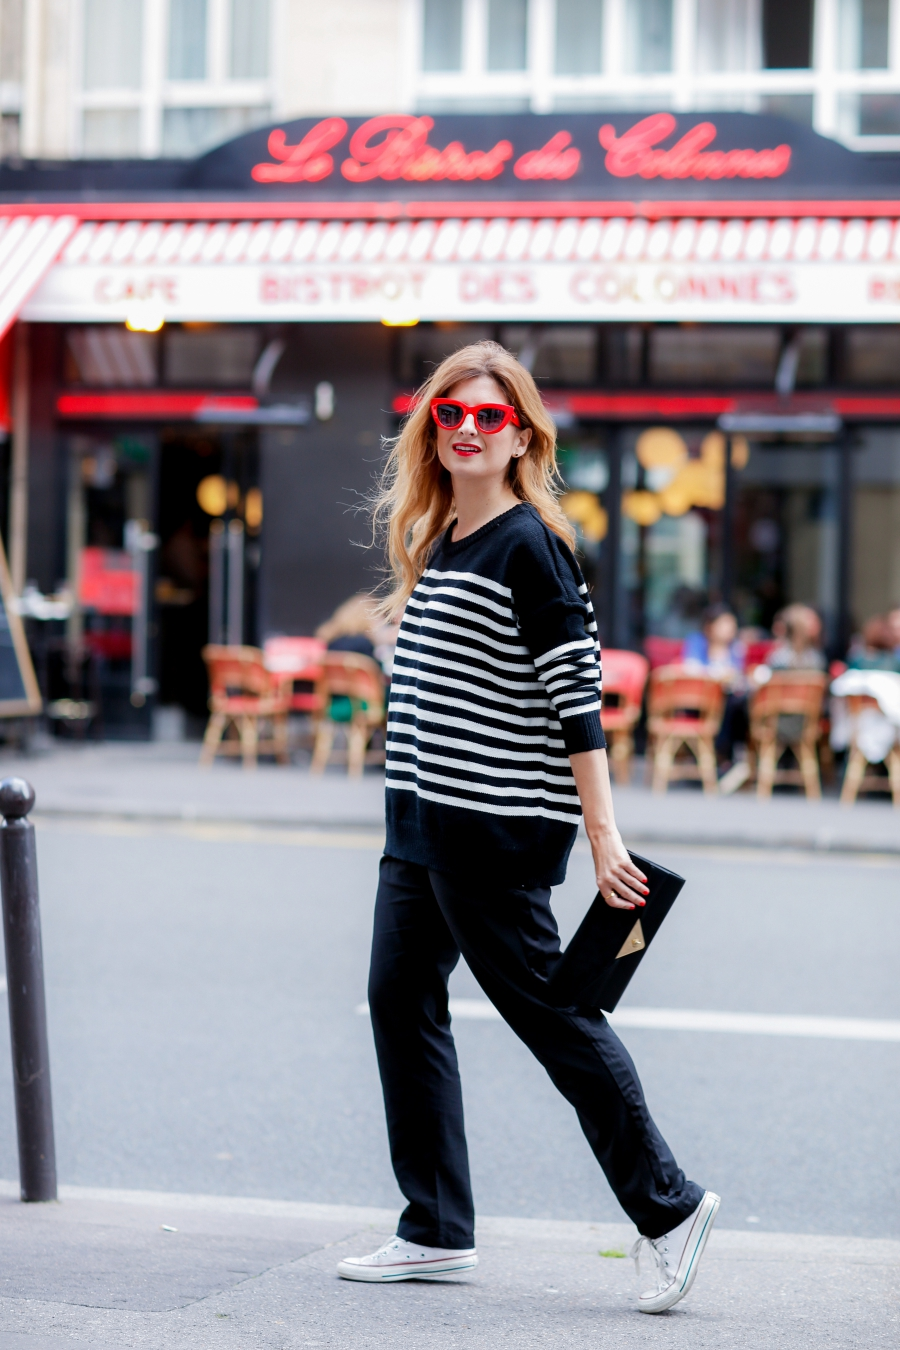 Décontracté Y LifestyleLook Moda De Blog 5LA3jR4